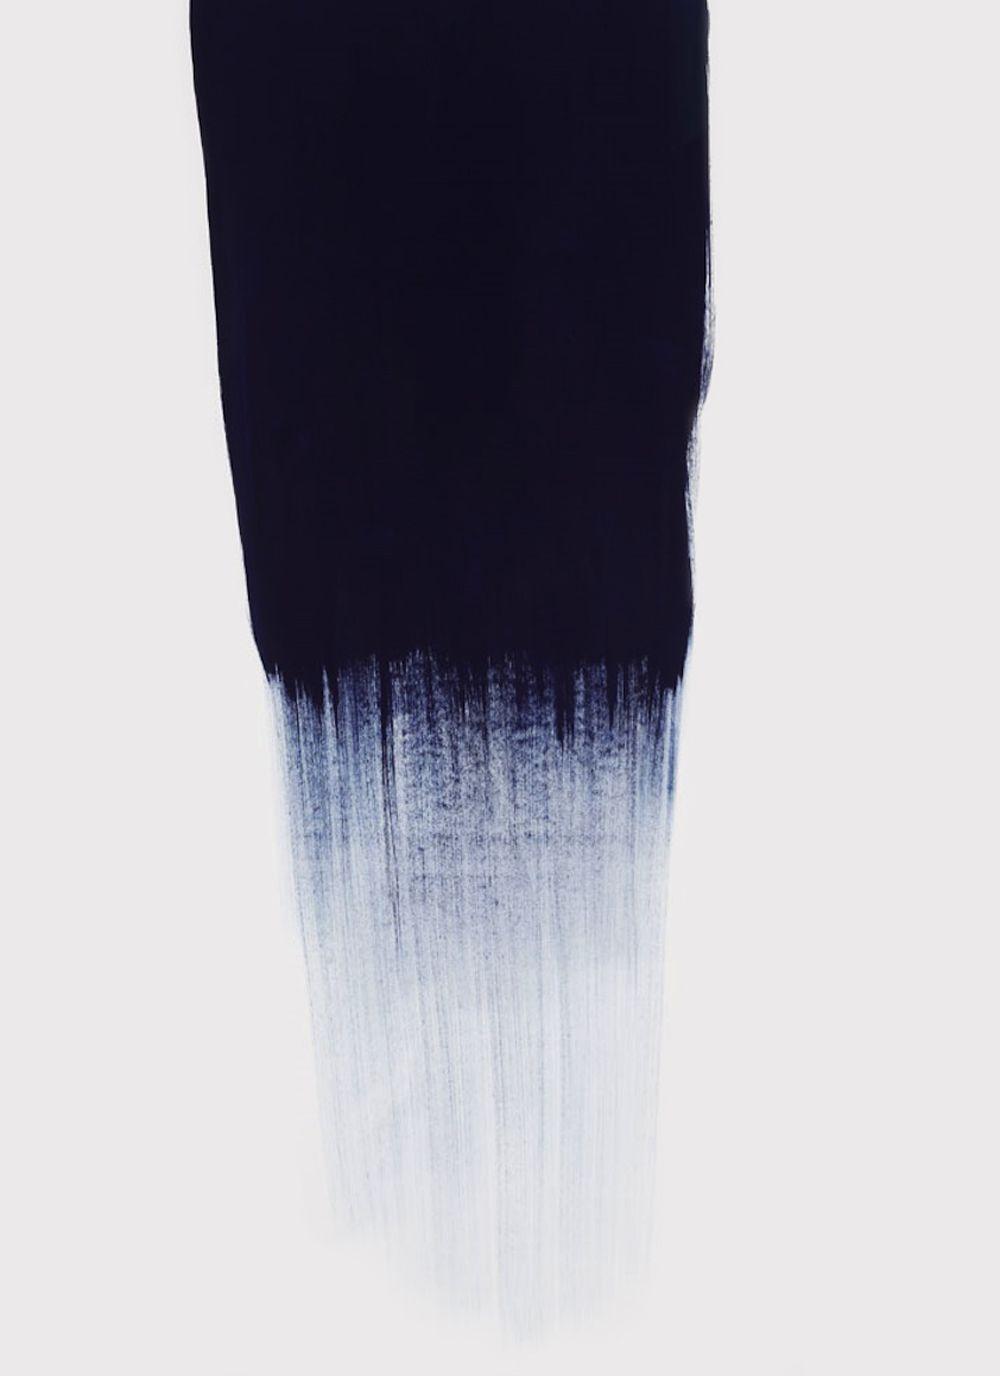 Daniel Lergon- Cold Fire (2006)